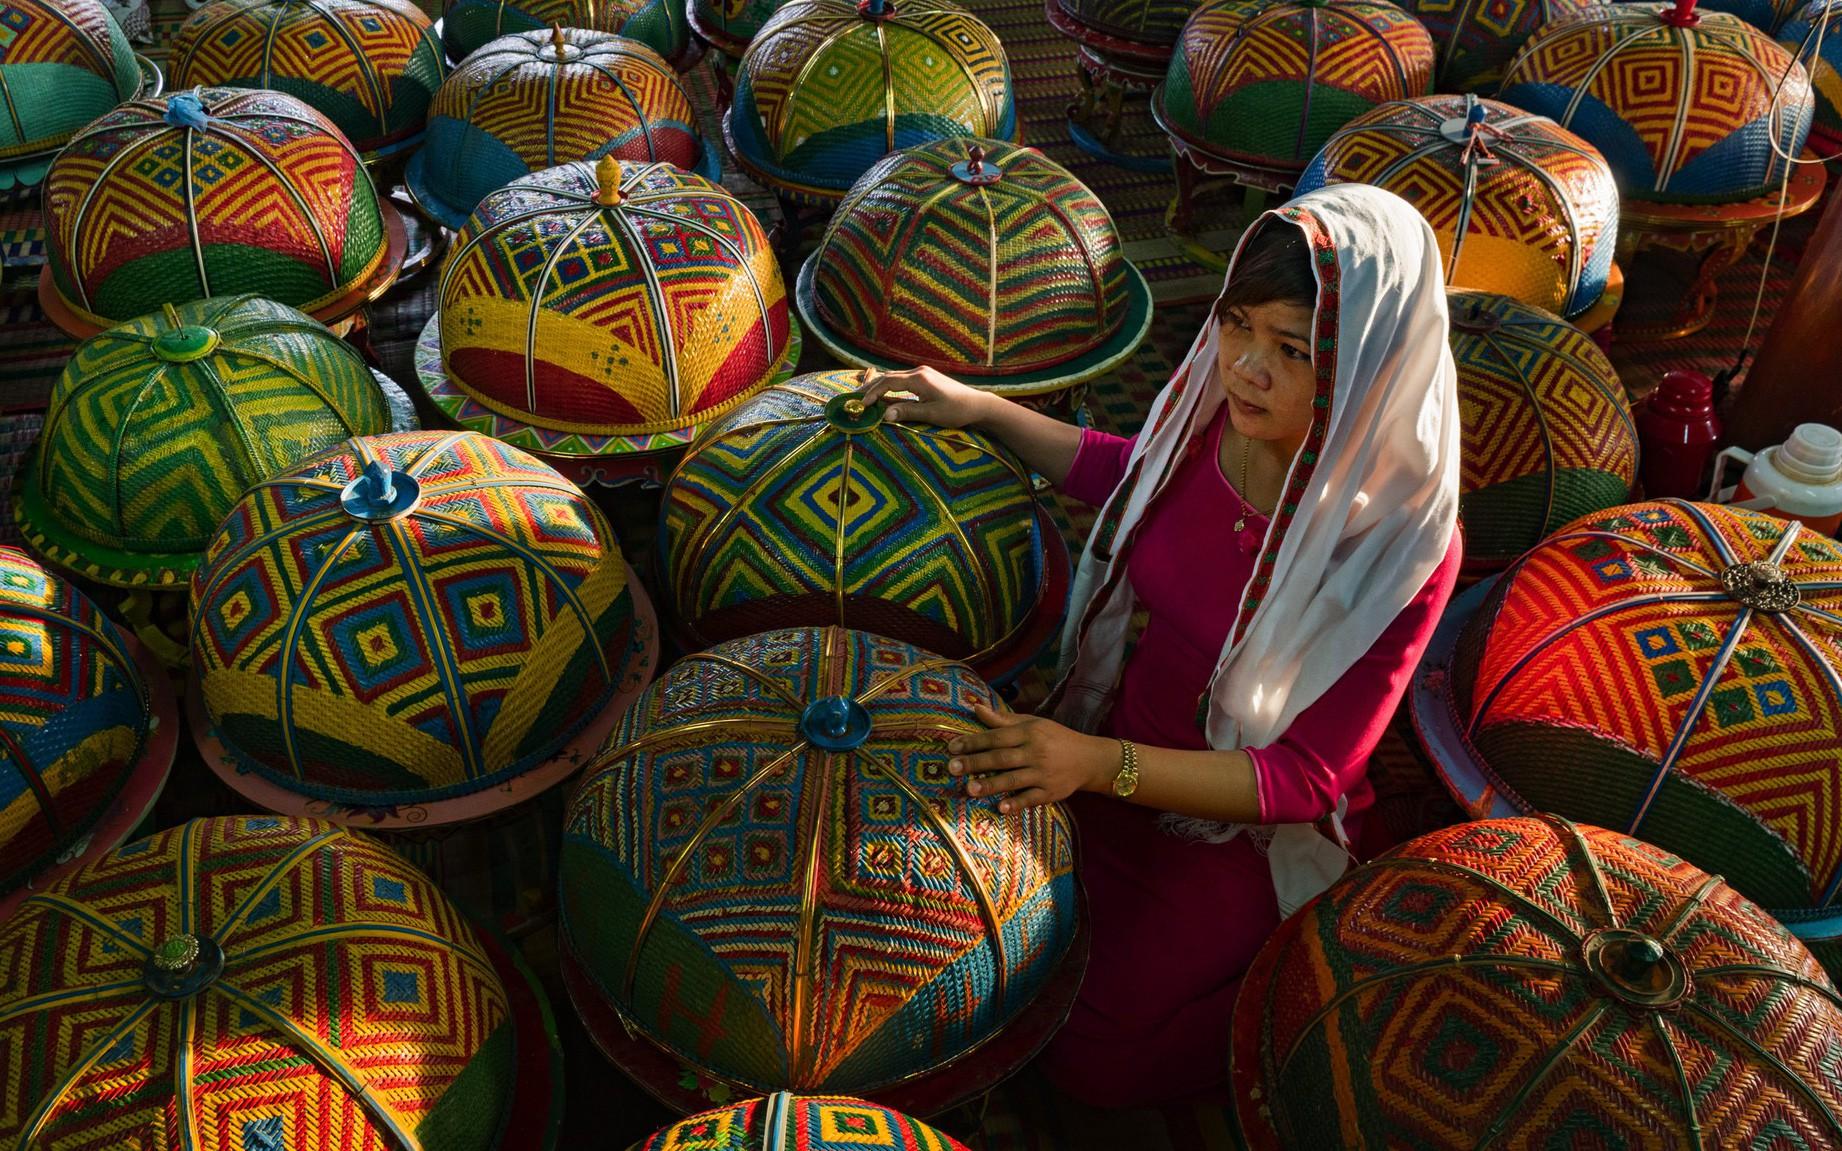 Ngắm bộ ảnh Lễ Wa-Ha giải đặc biệt ảnh Hành trình di sản 2018